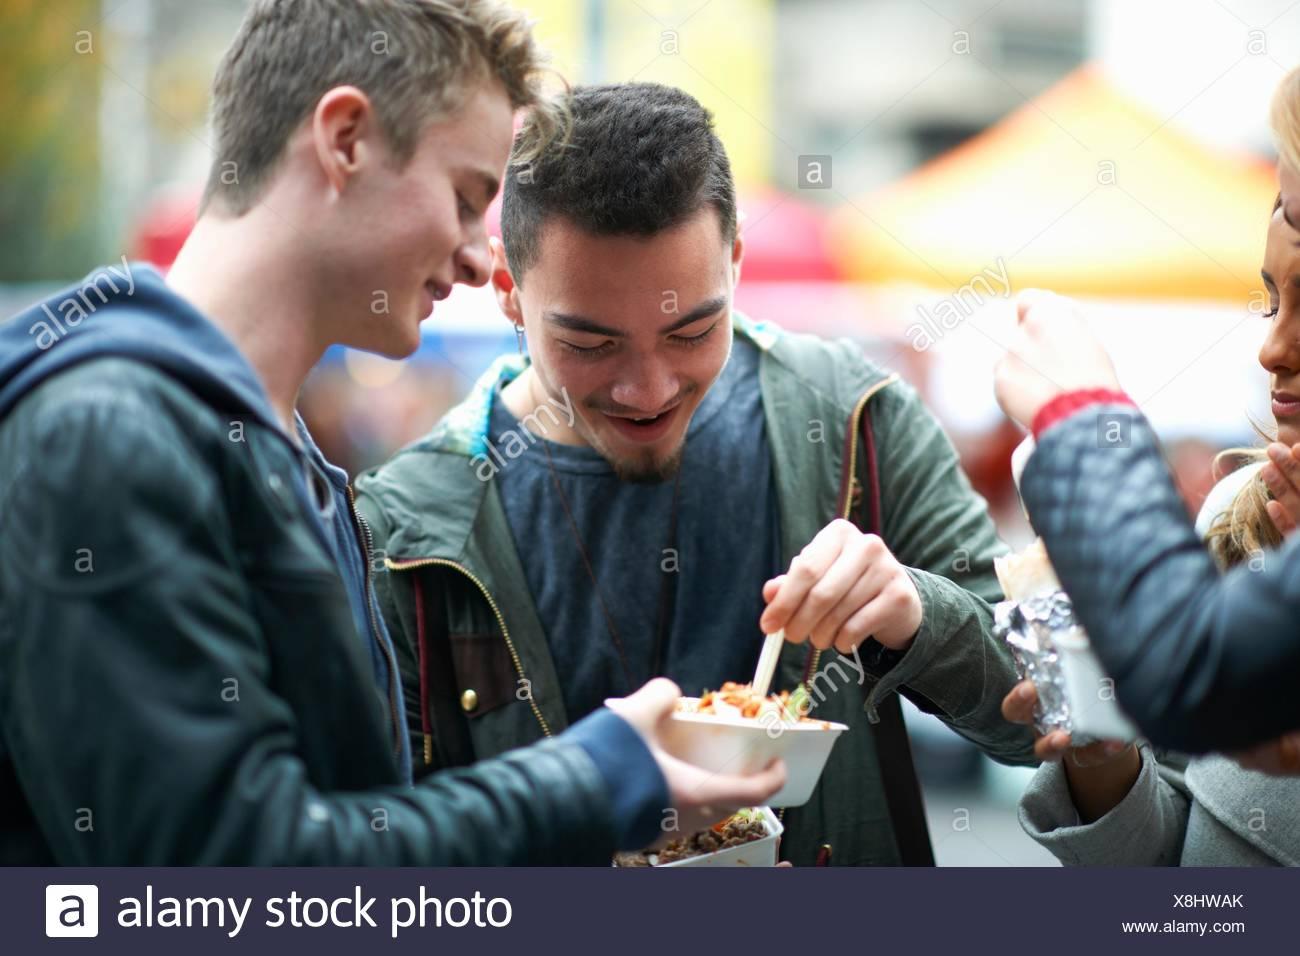 Groupe de jeunes adultes de manger de la nourriture à emporter, à l'extérieur Photo Stock